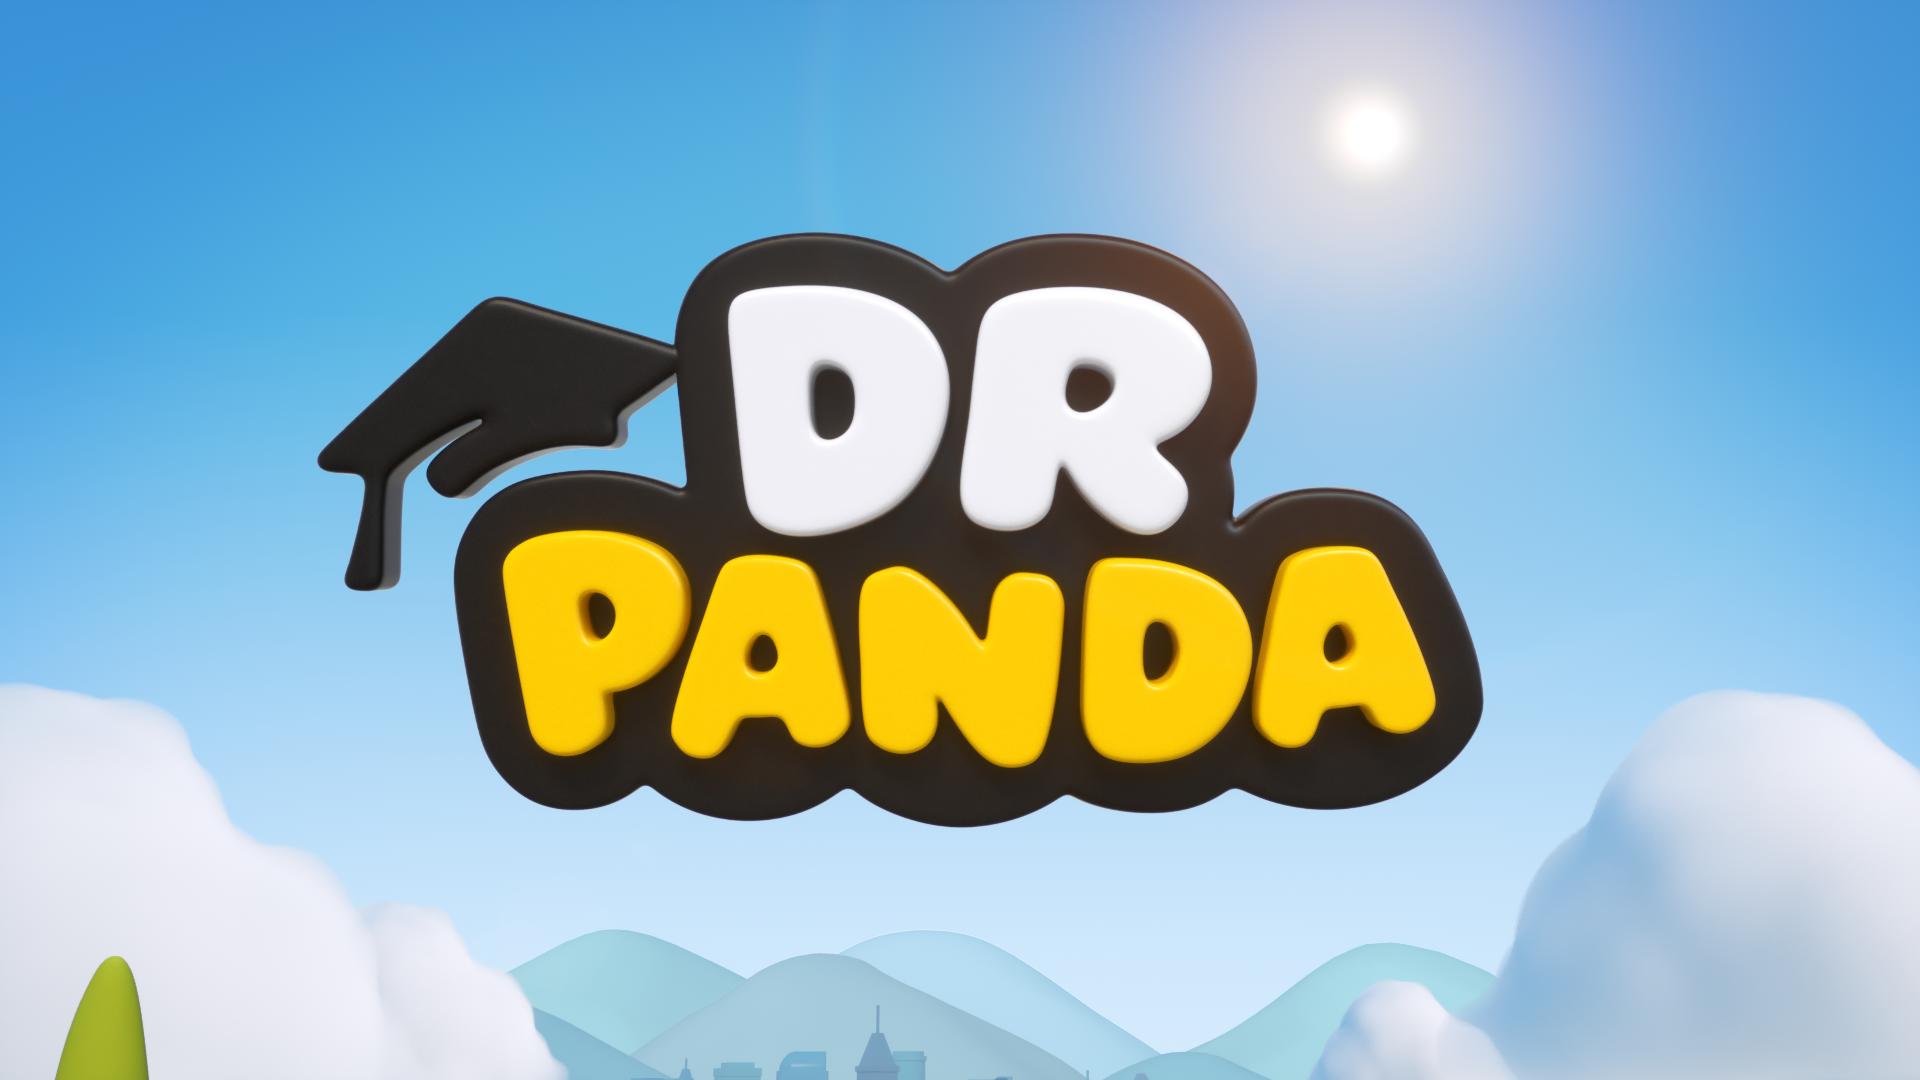 drPandaTitles_765.png